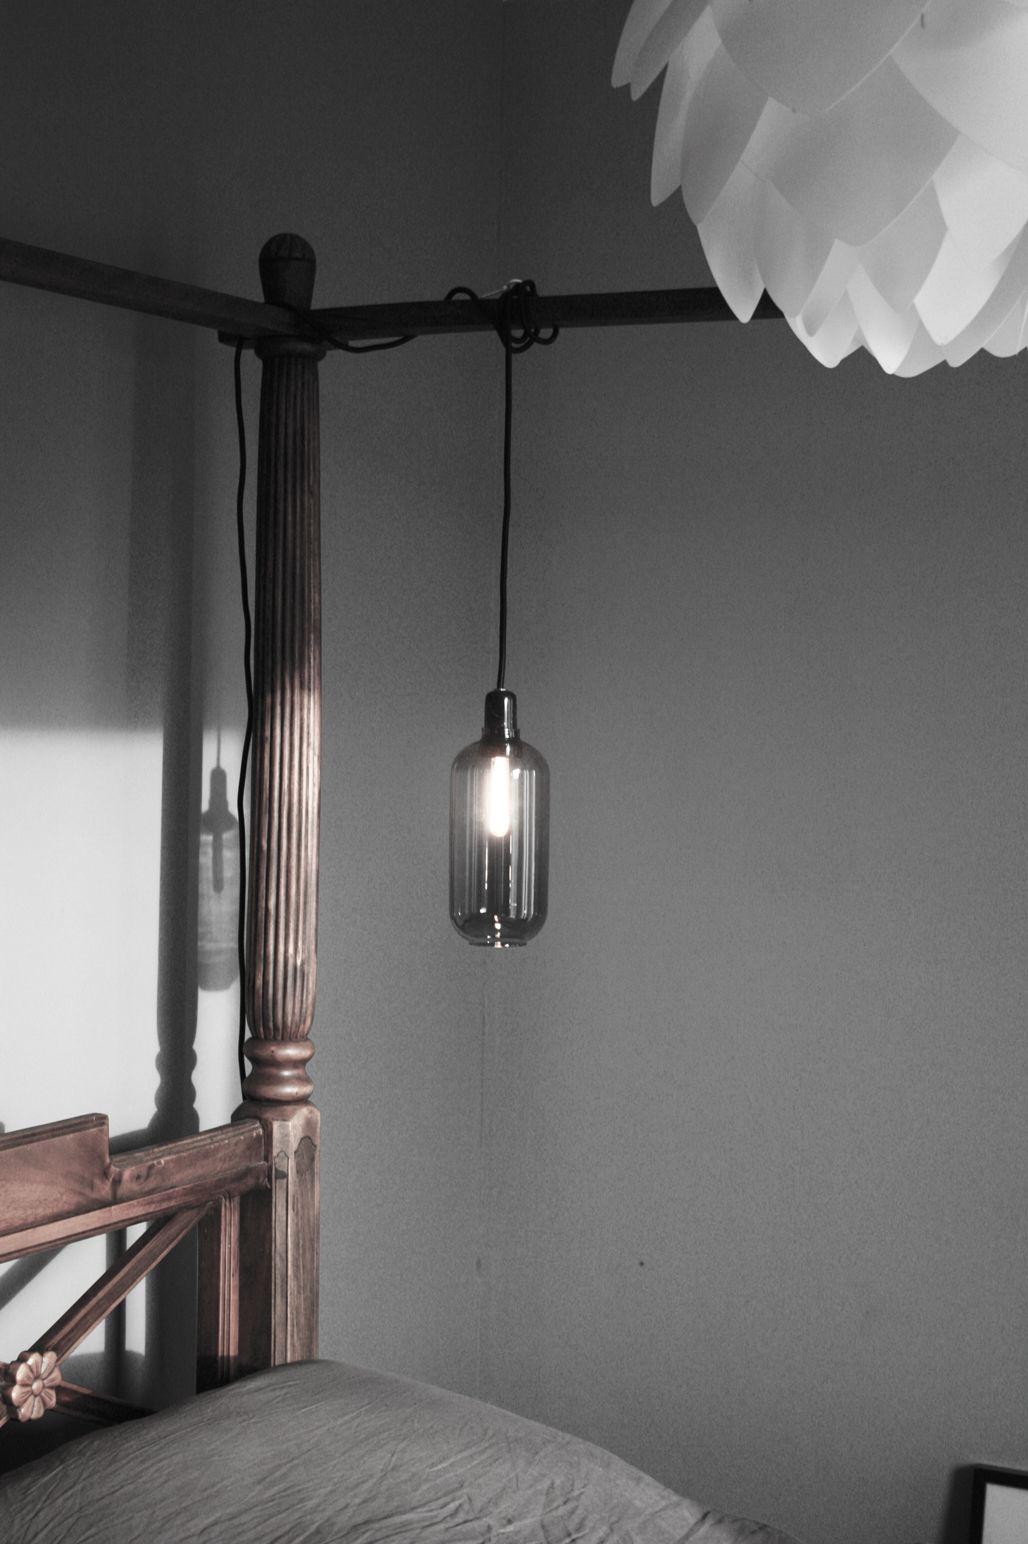 normann copenhagen copenhagen bedrooms and lights. Black Bedroom Furniture Sets. Home Design Ideas